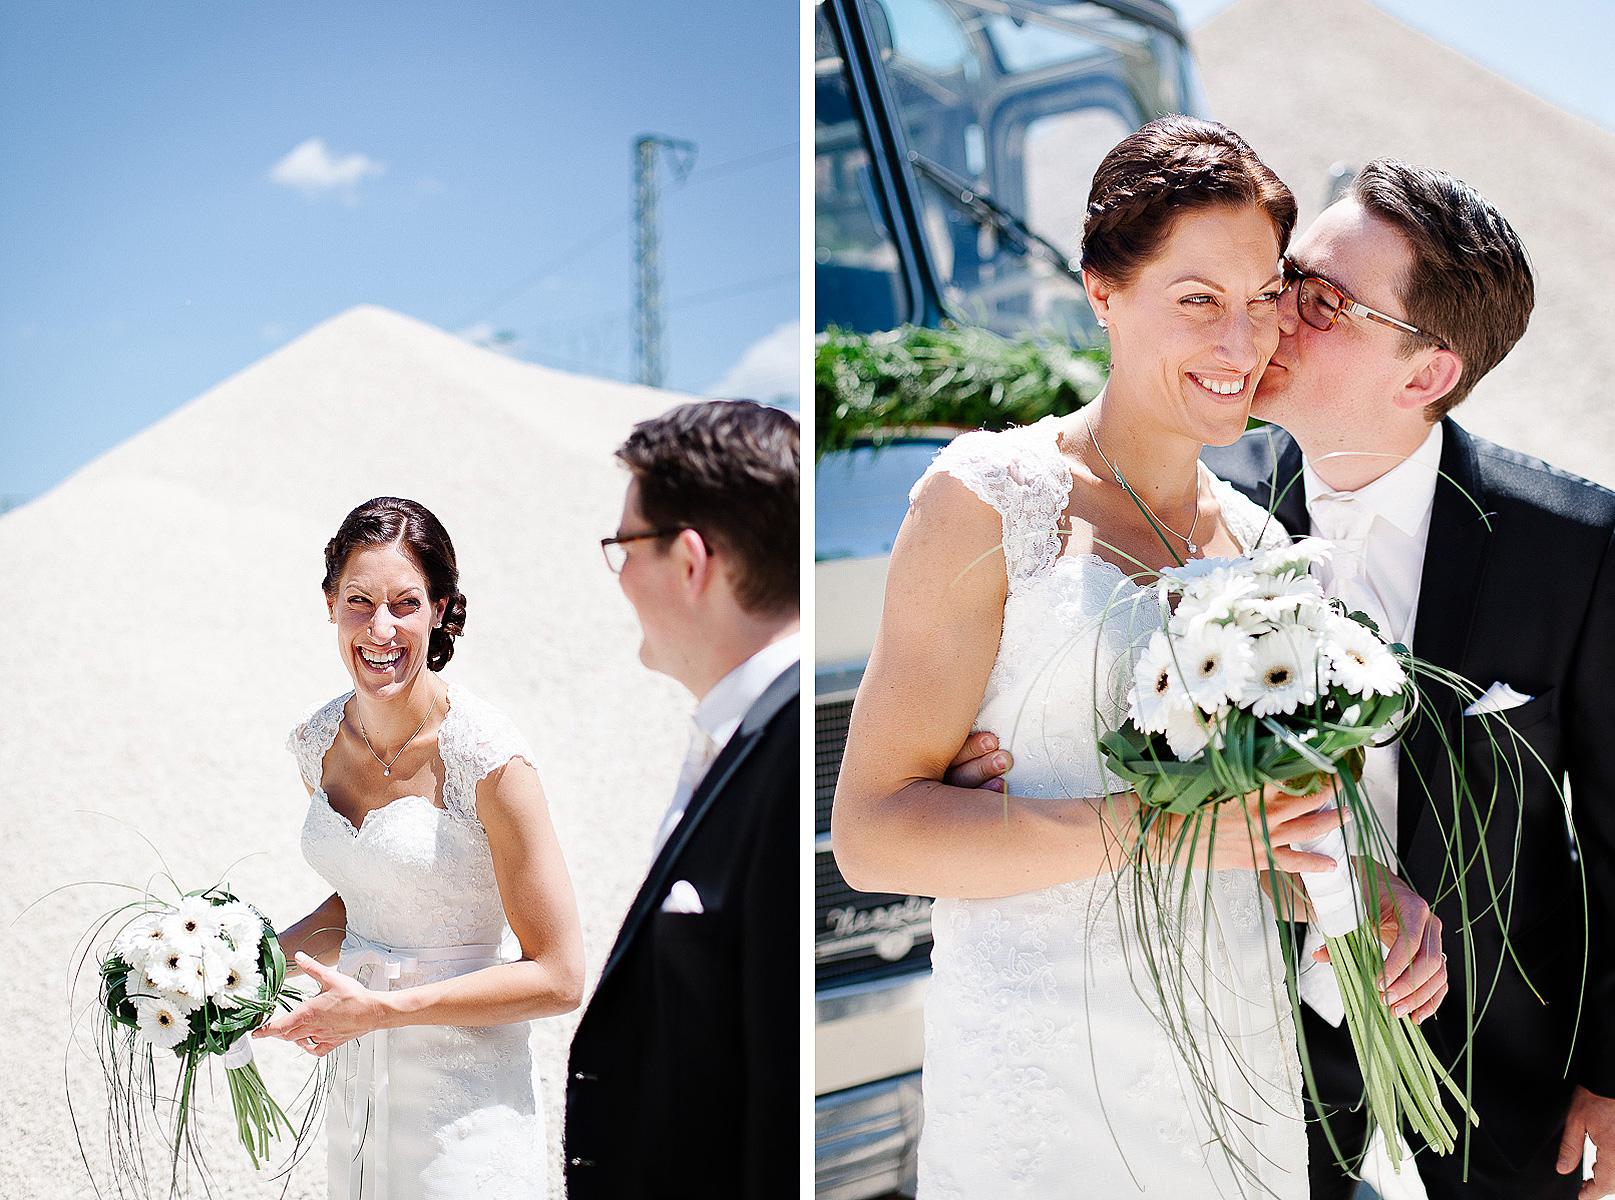 Sarah-und-Tobias-Farbe-web-Foto-Avec-Amis-142-139